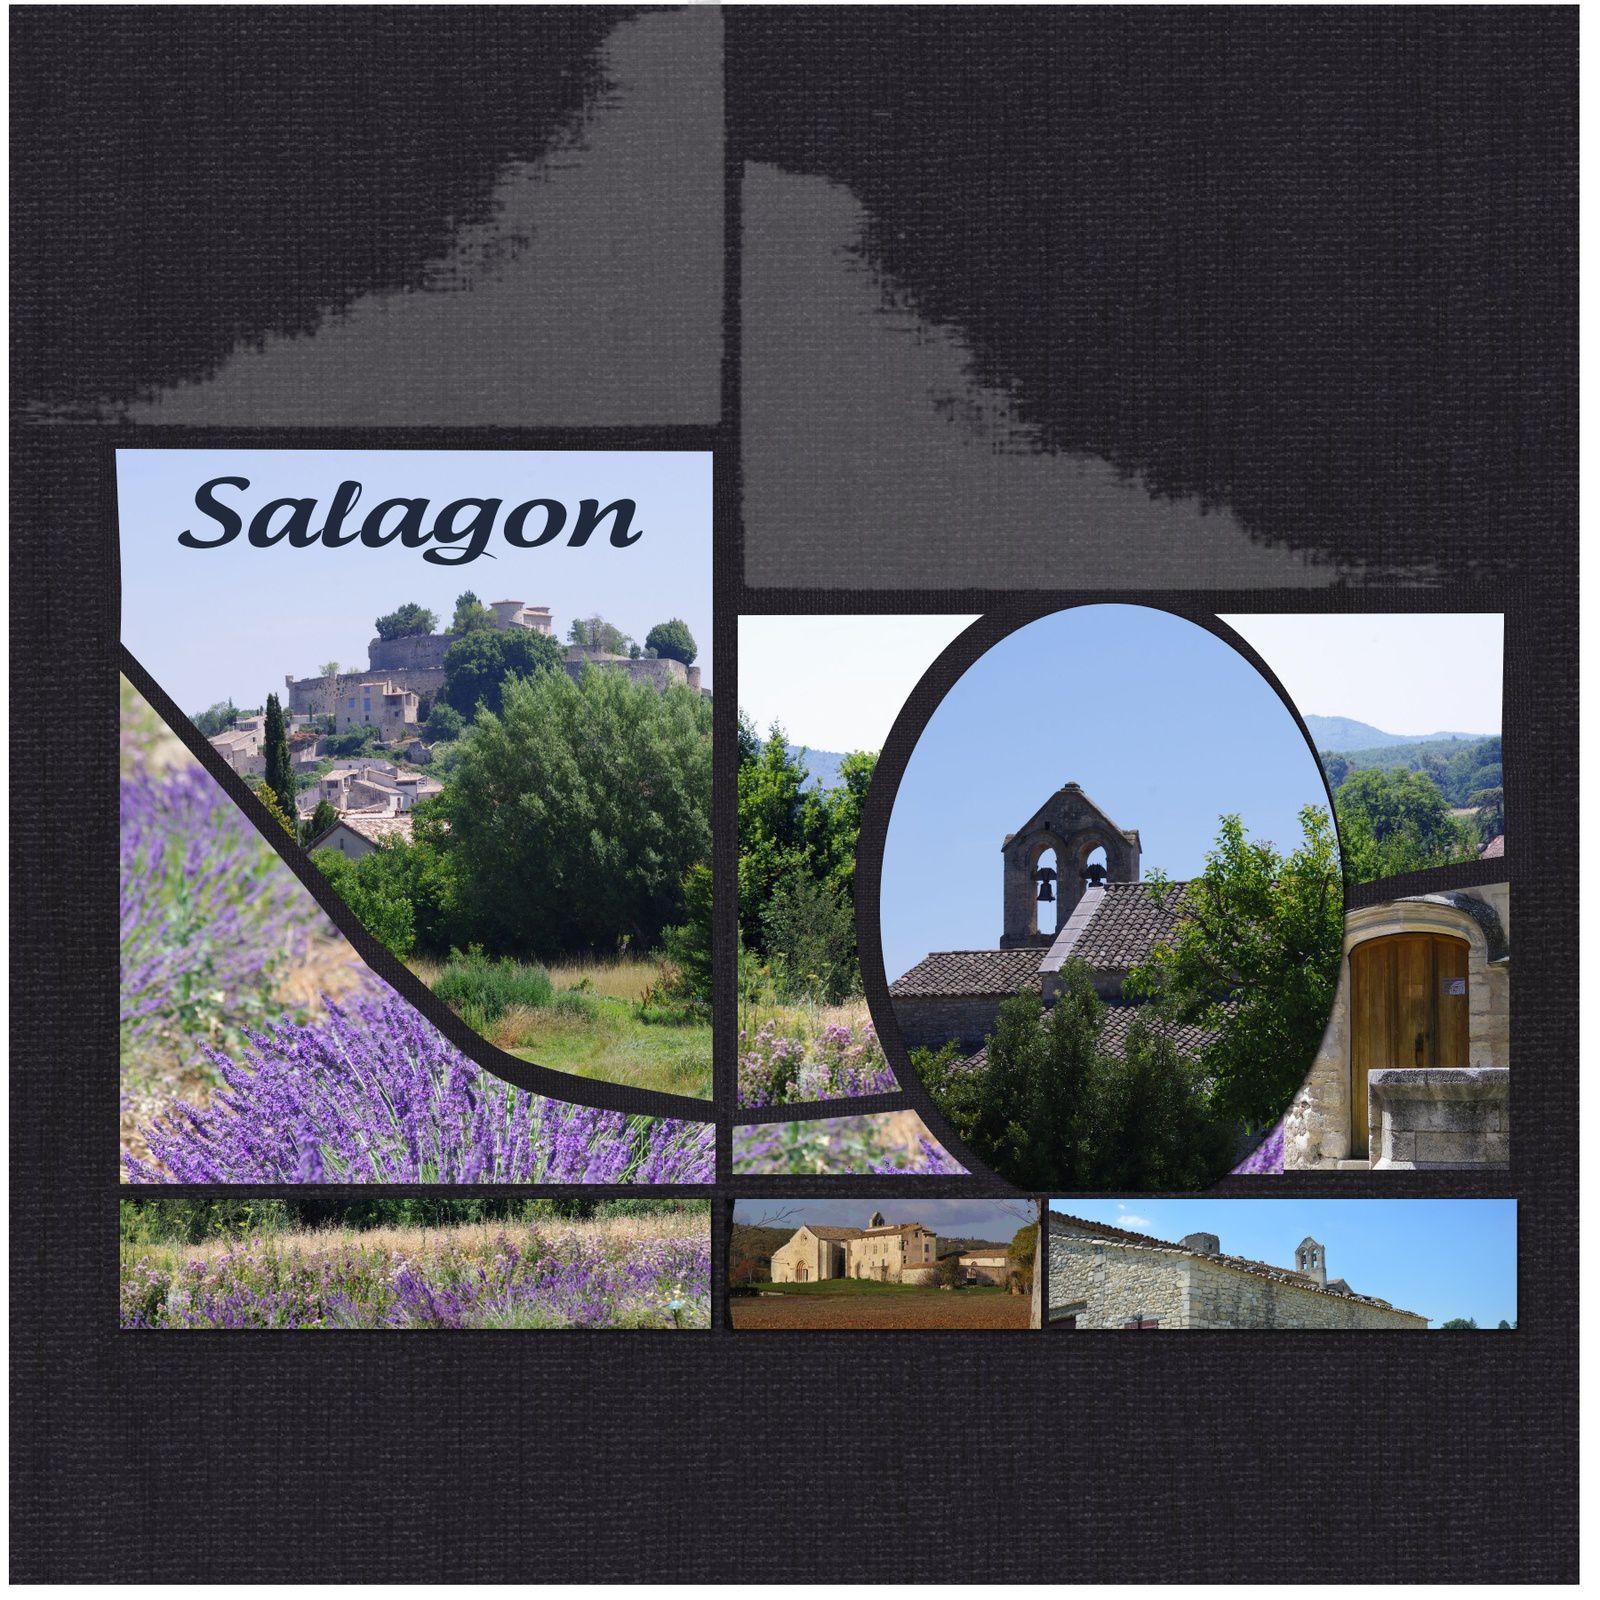 Salagon